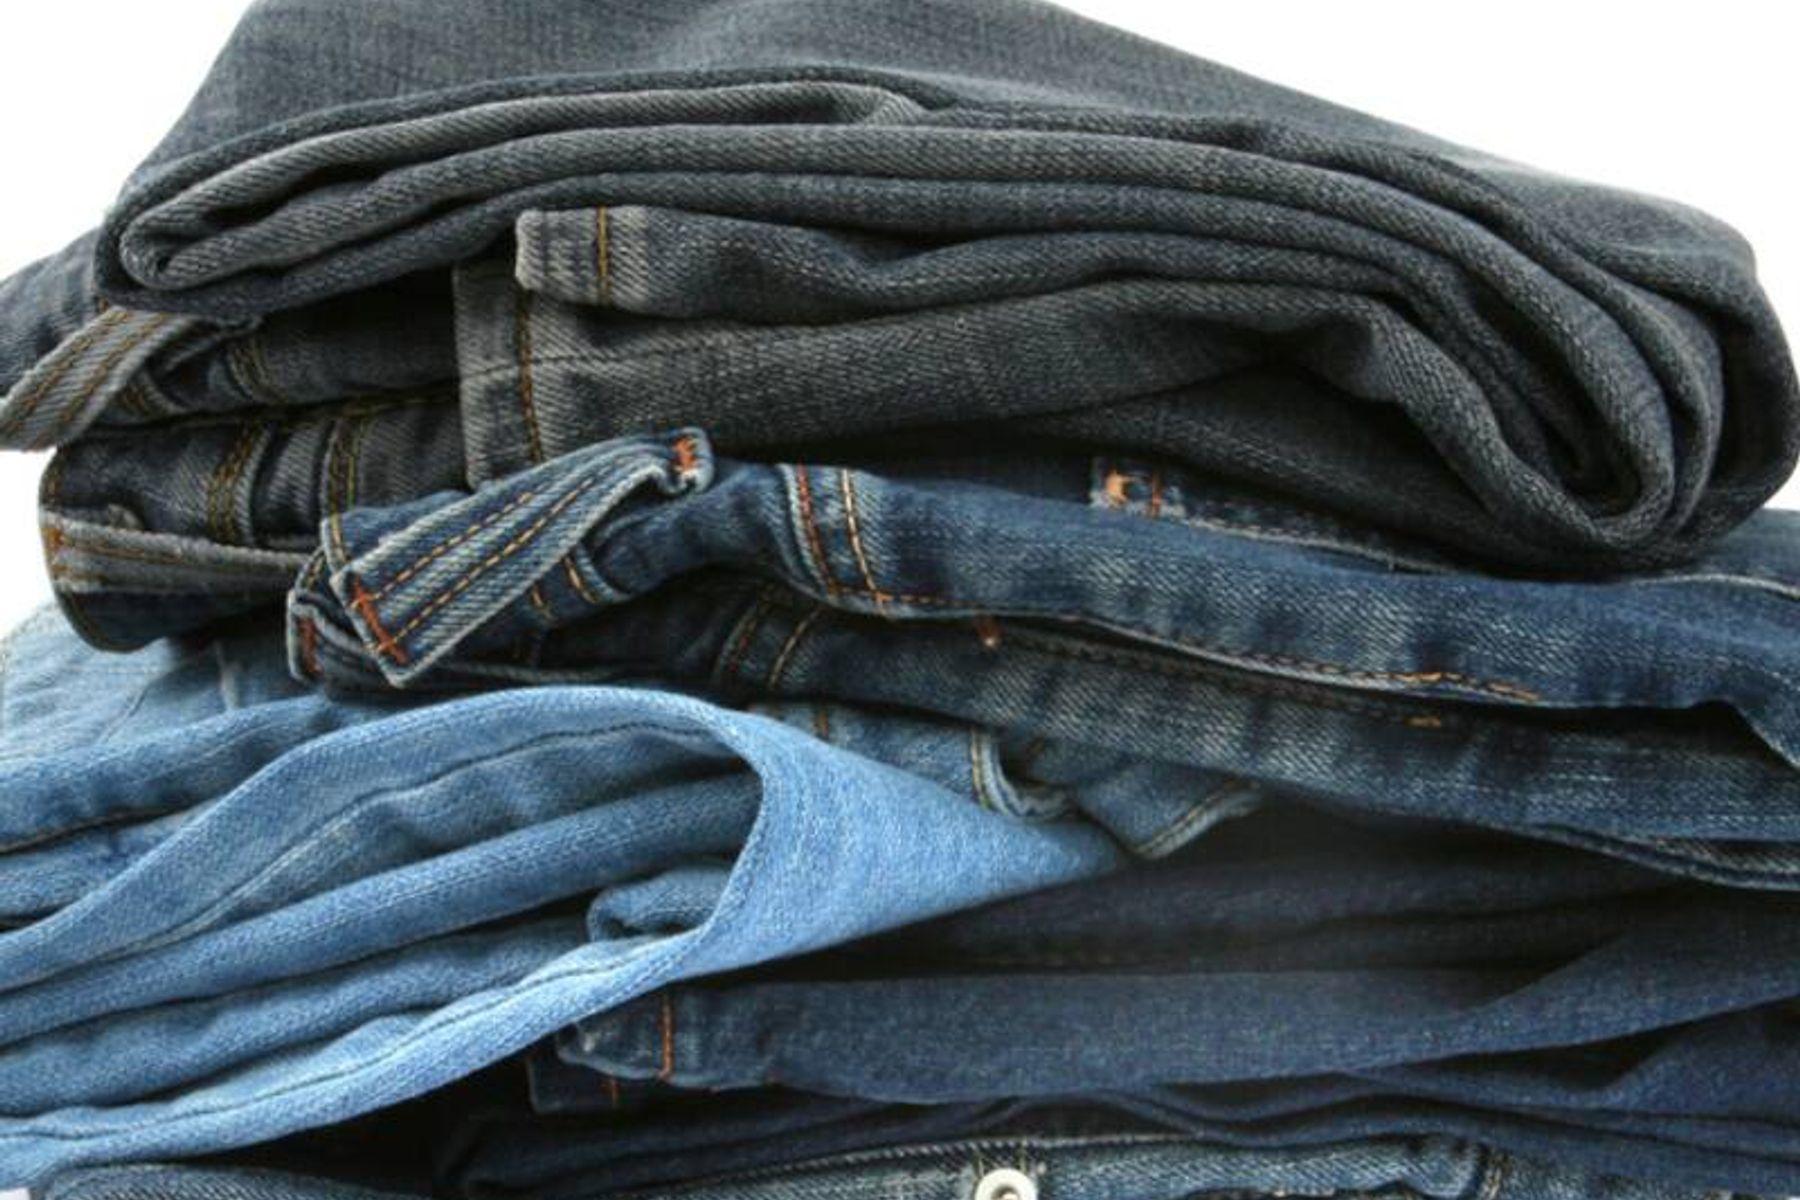 3 Bí quyết giặt quần Jeans không bị co rút bạn cần biết